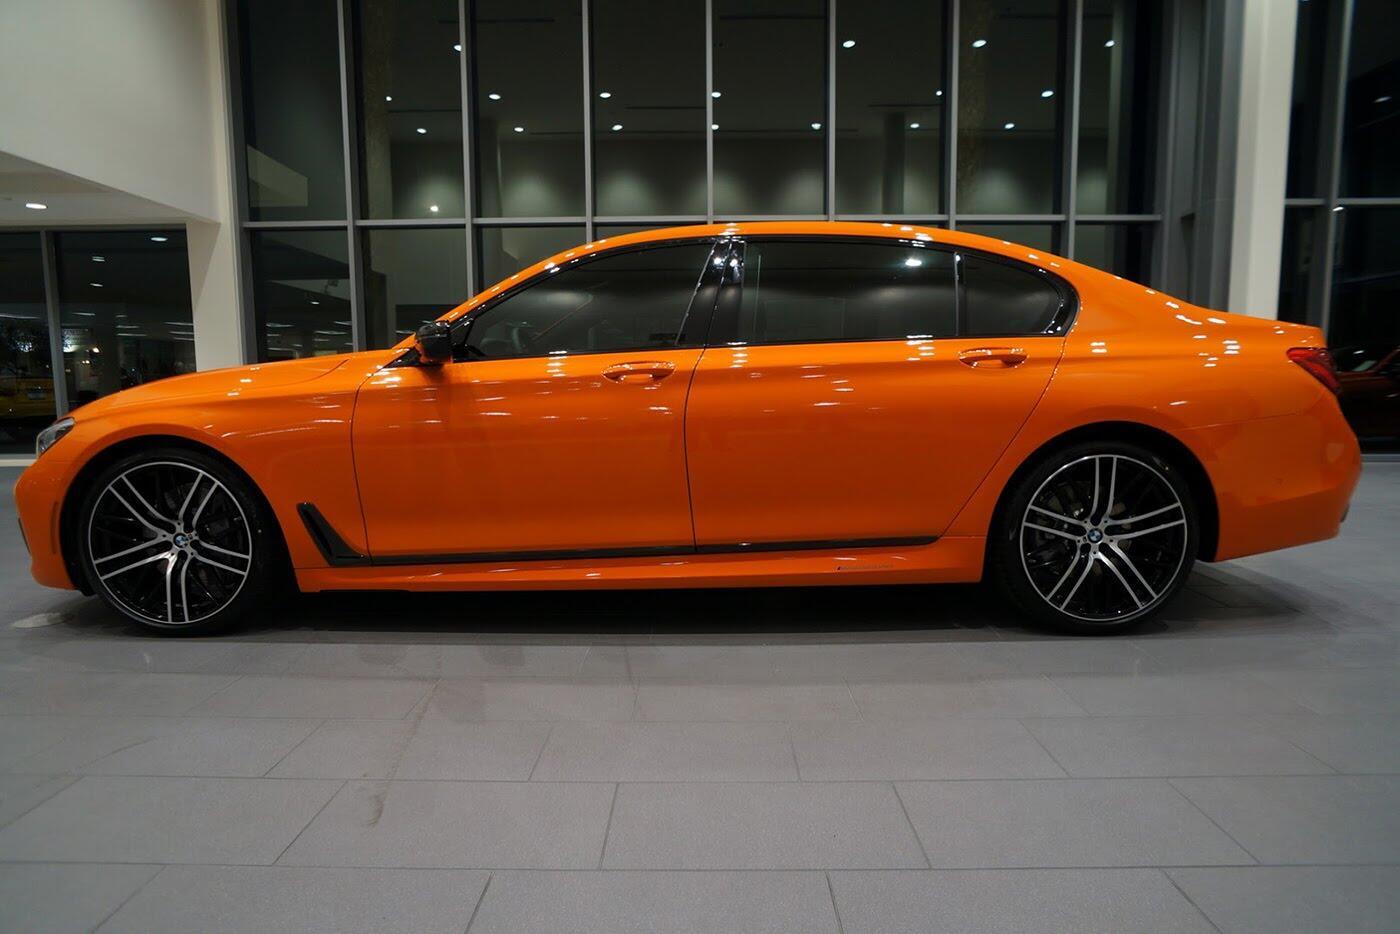 Cận cảnh BMW 750i 2017 phiên bản đặc biệt Fire Orange - Hình 3